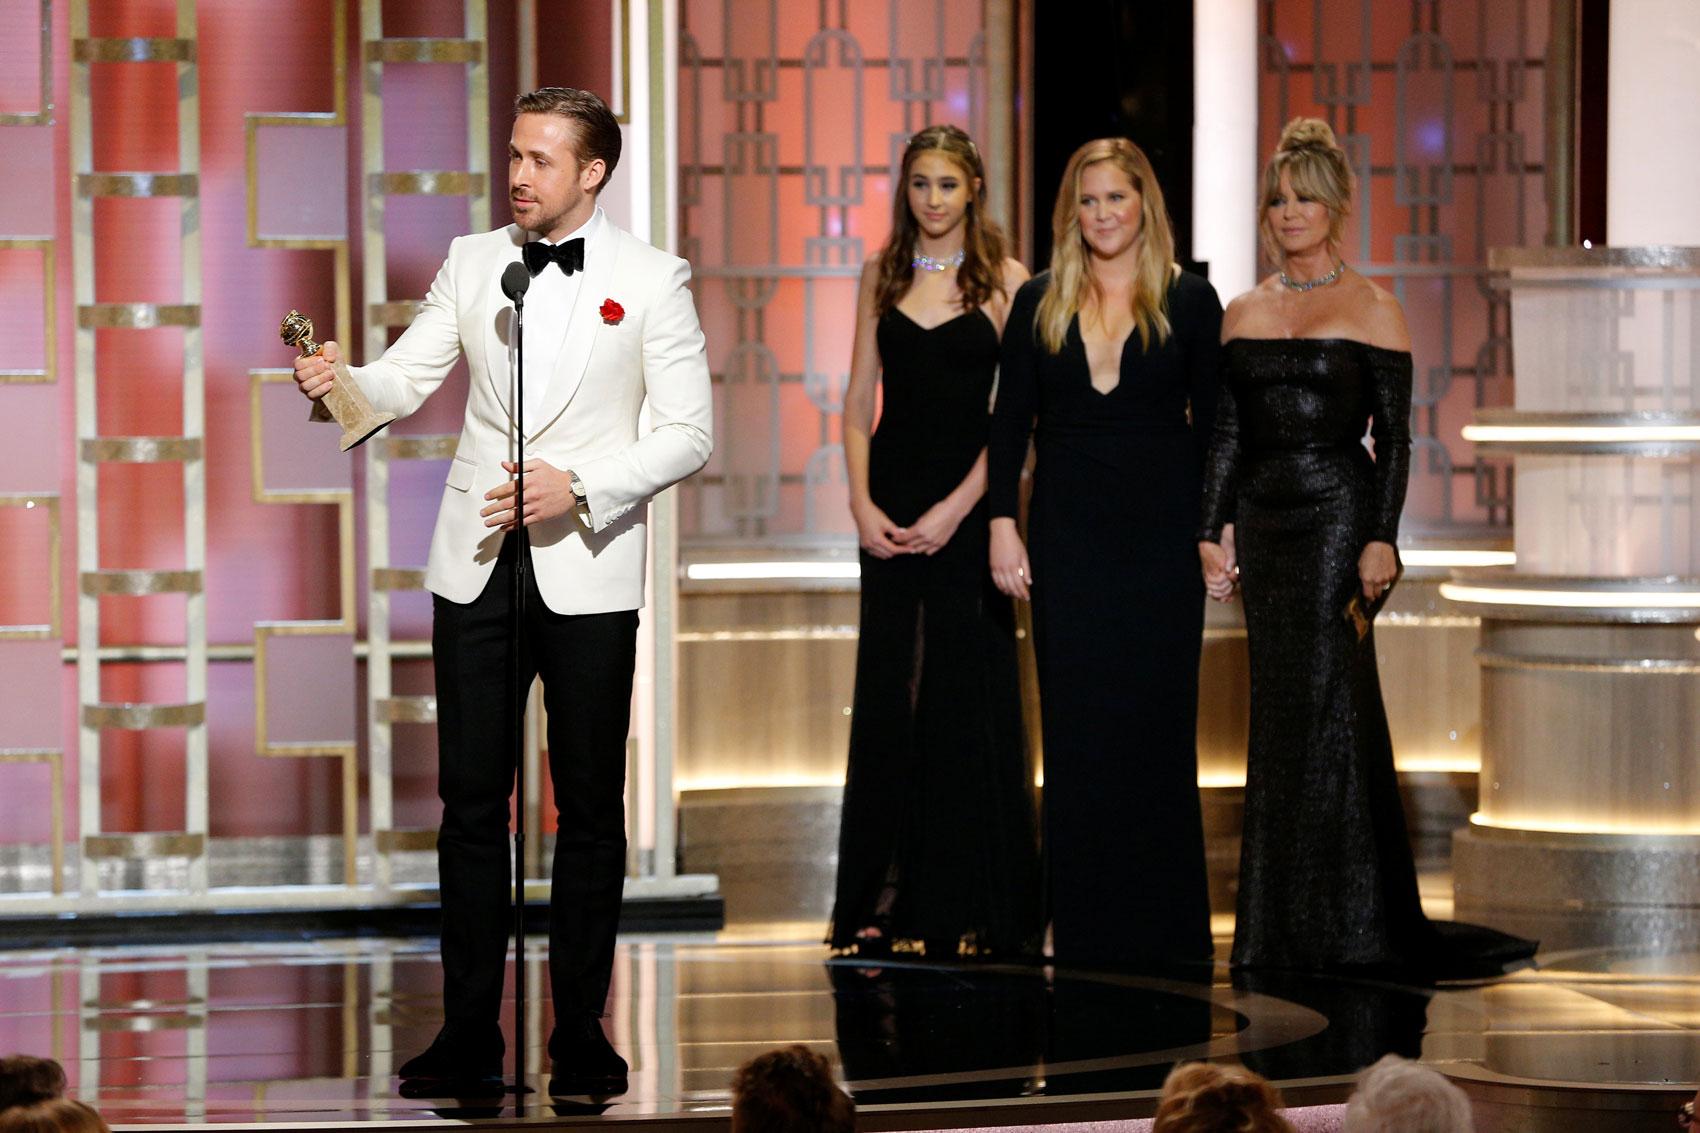 Ryan Gosling recebe Globo de Ouro de melhor ator em comédia ou musical pelo filme 'La la land: Cantando estações'